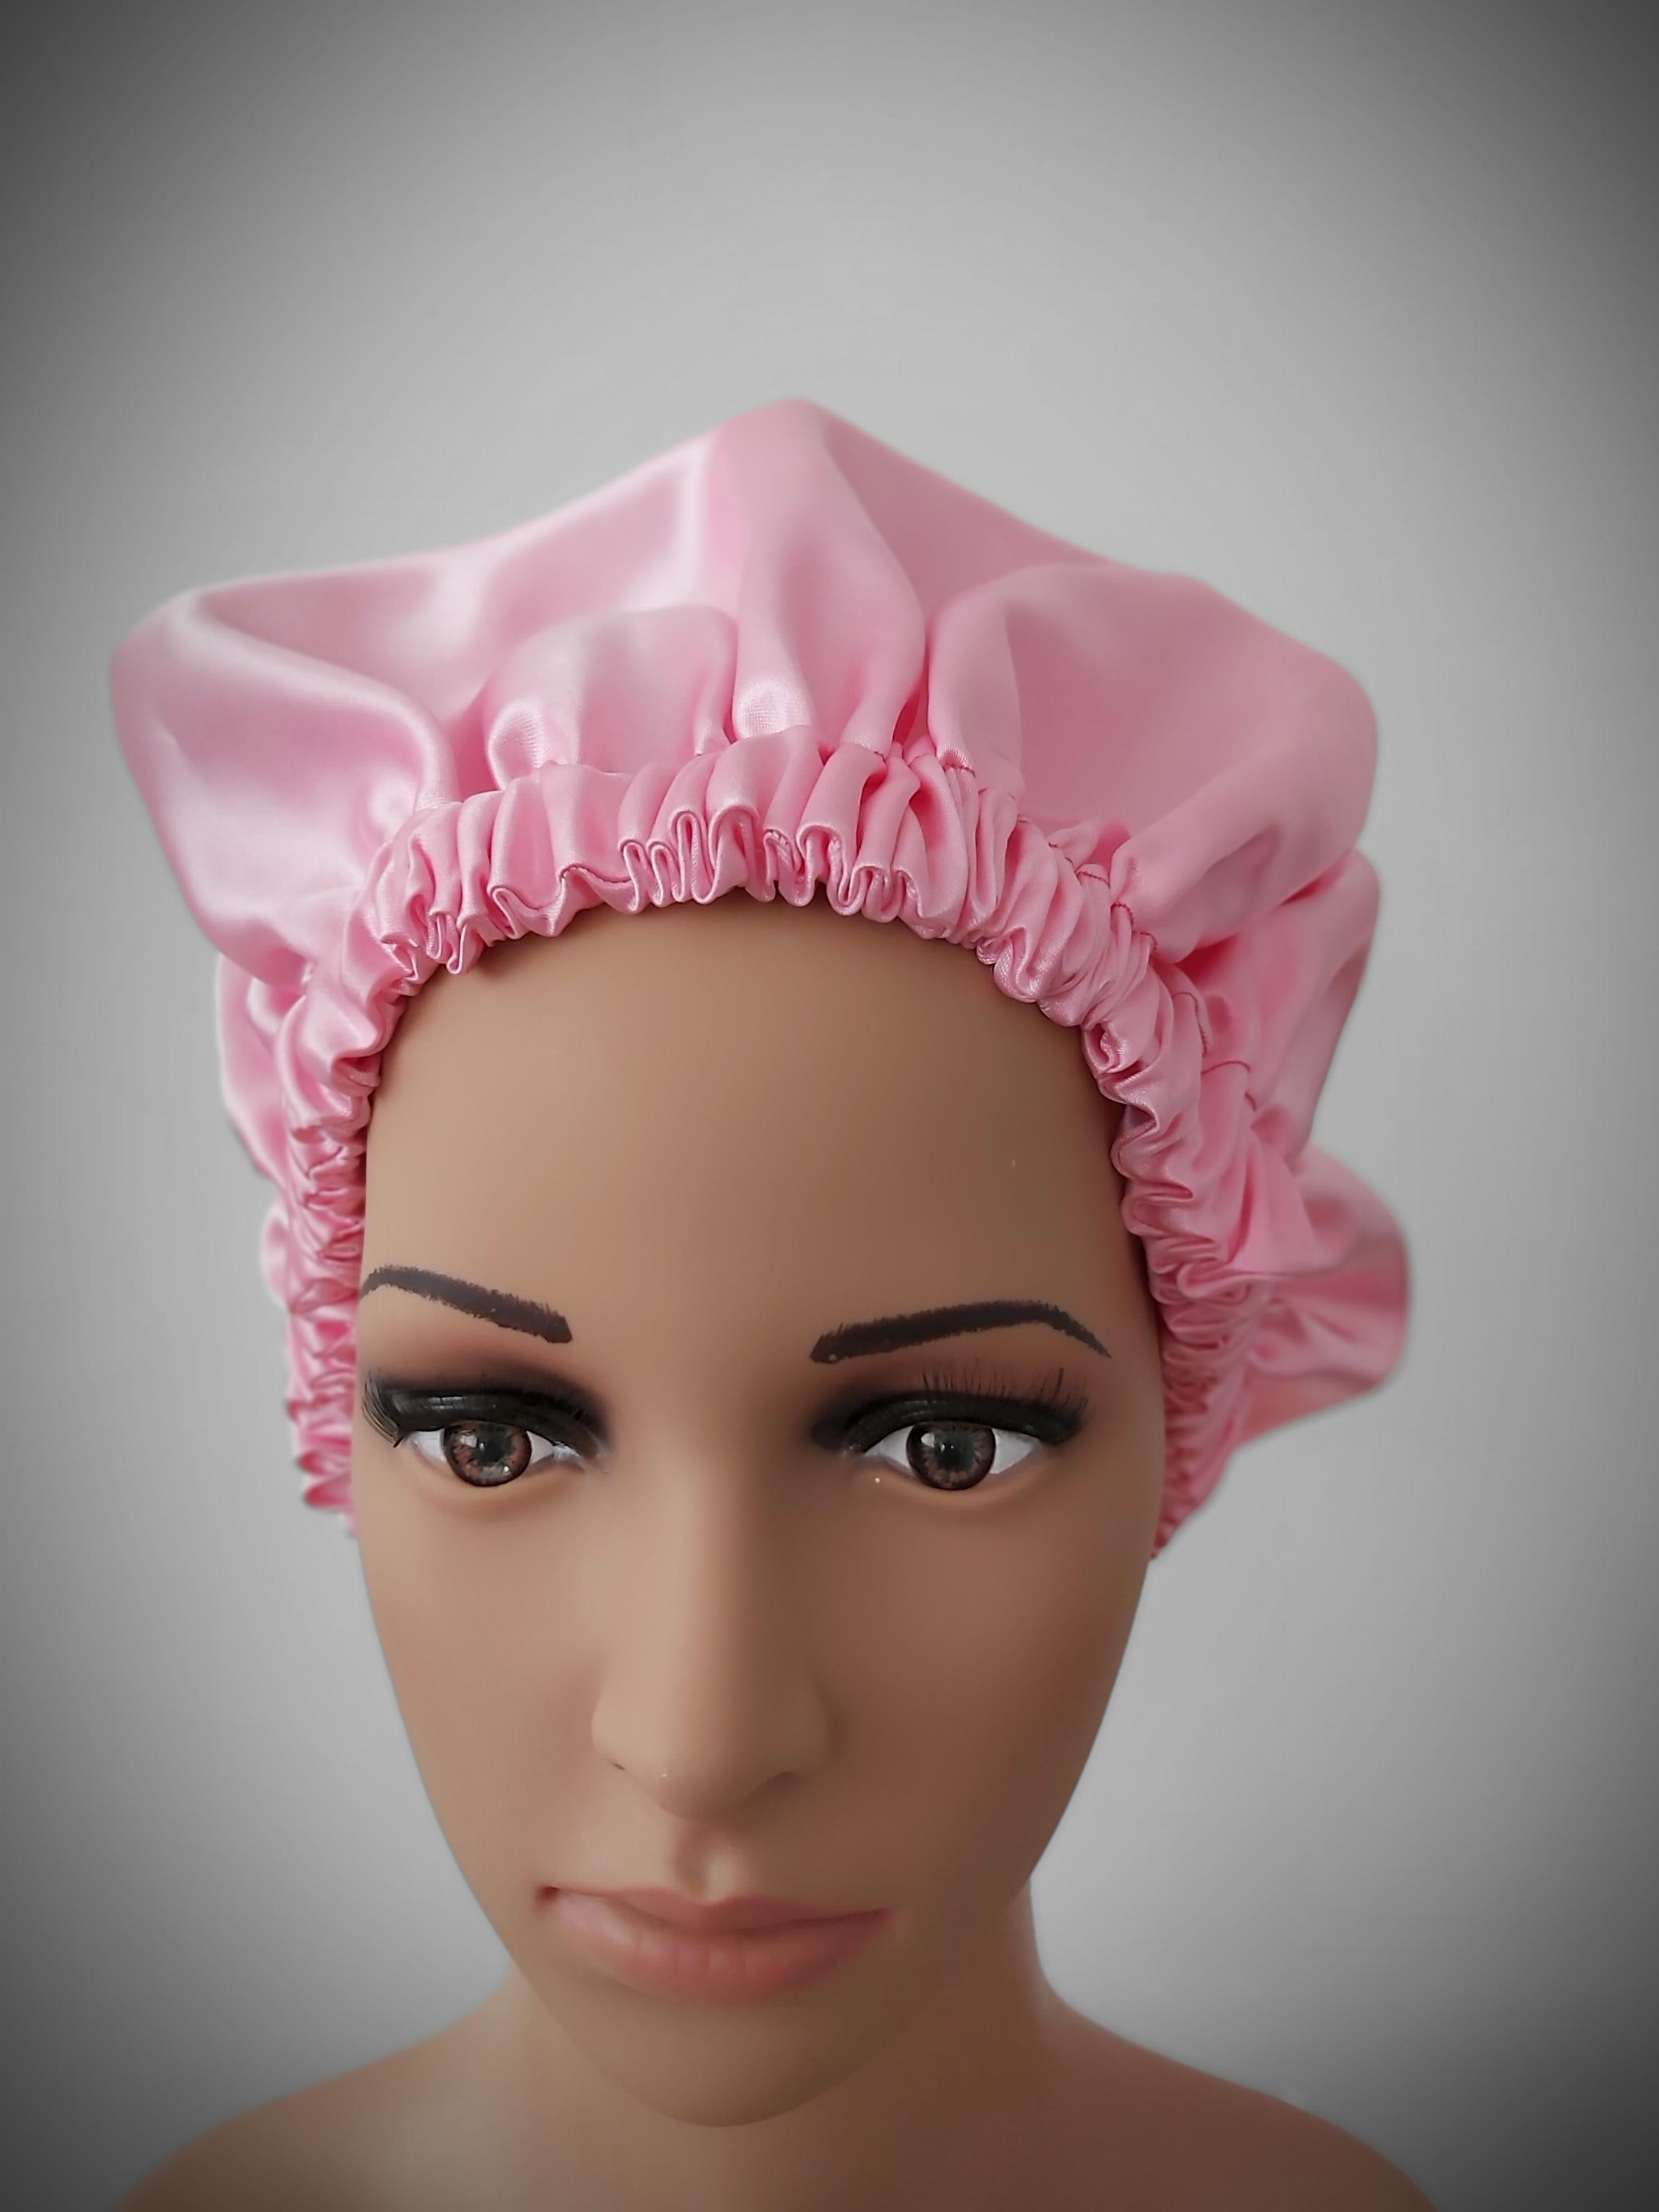 https://allshades.nl/./media/43/roze-bonnet-klein.jpg